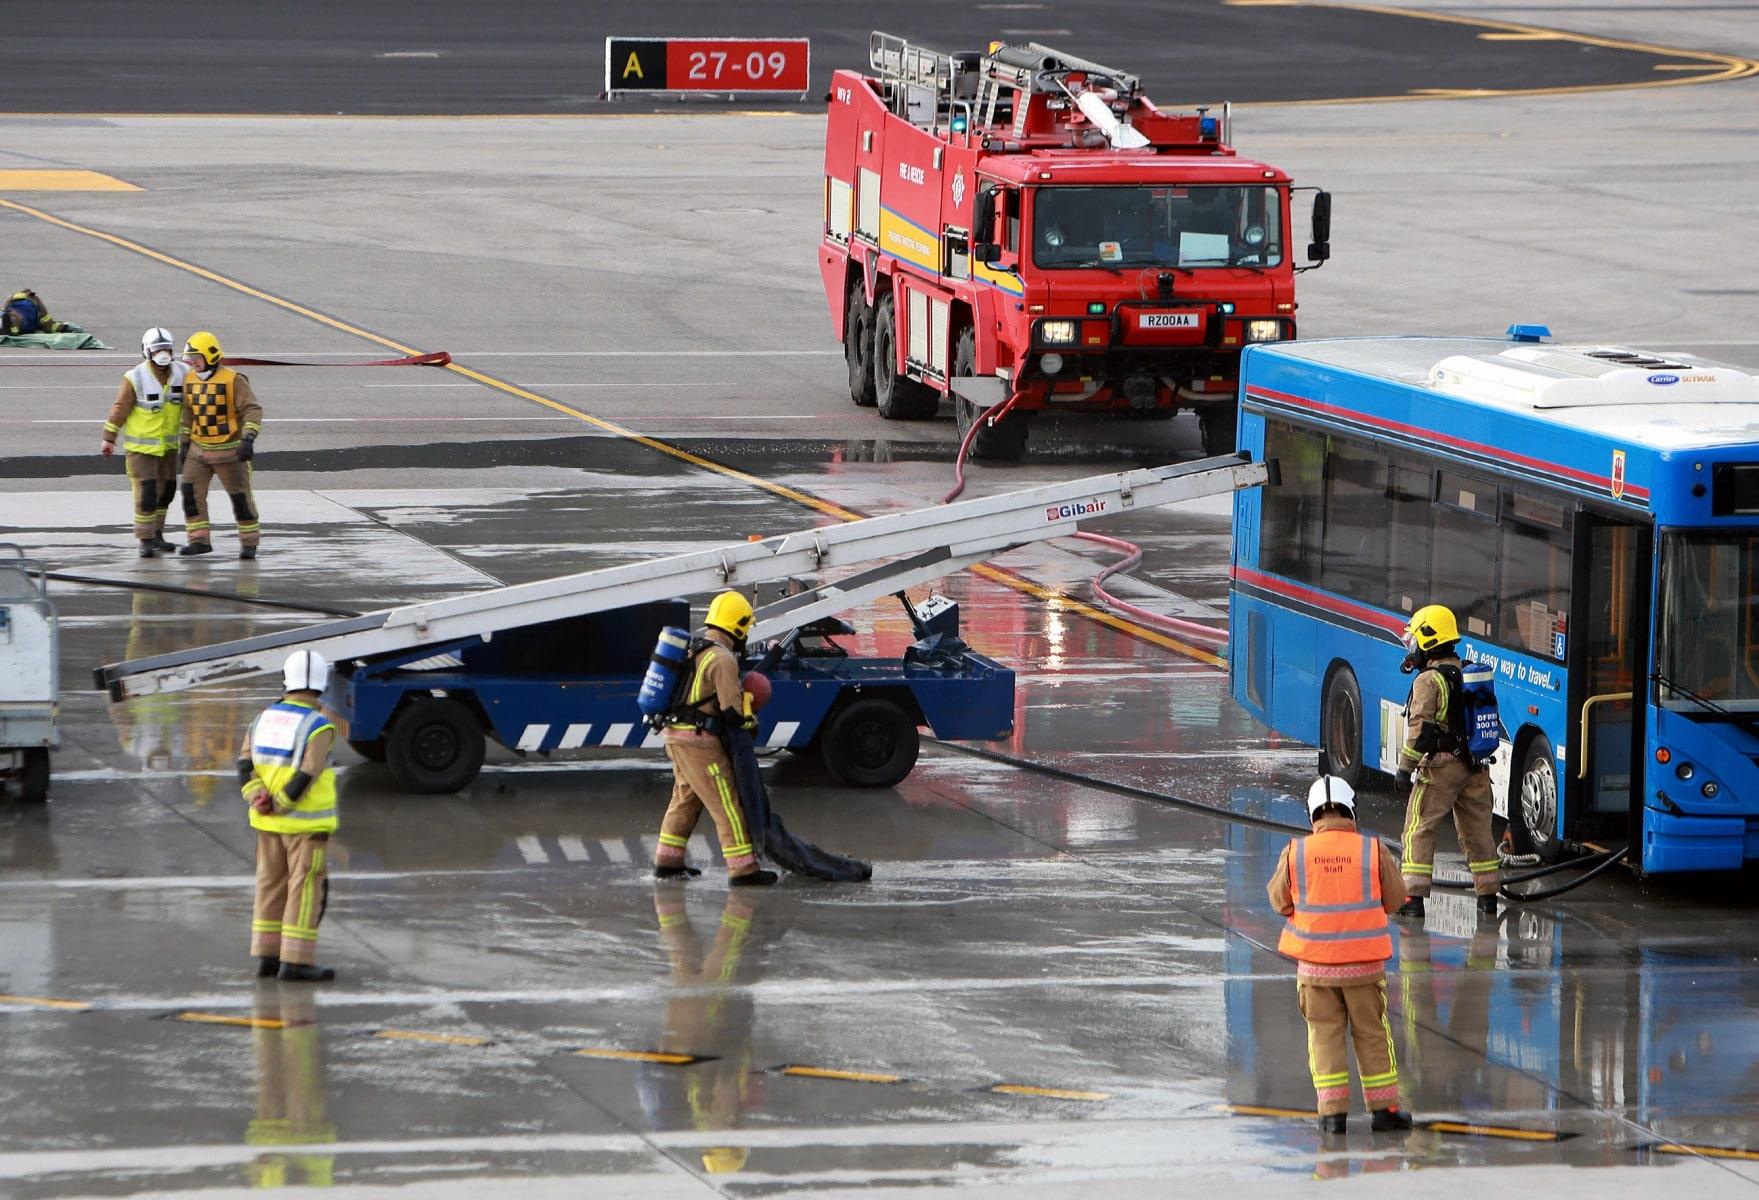 09-feb-2016-simulacro-de-incidente-en-el-aeropuerto-de-gibraltar_24286854364_o